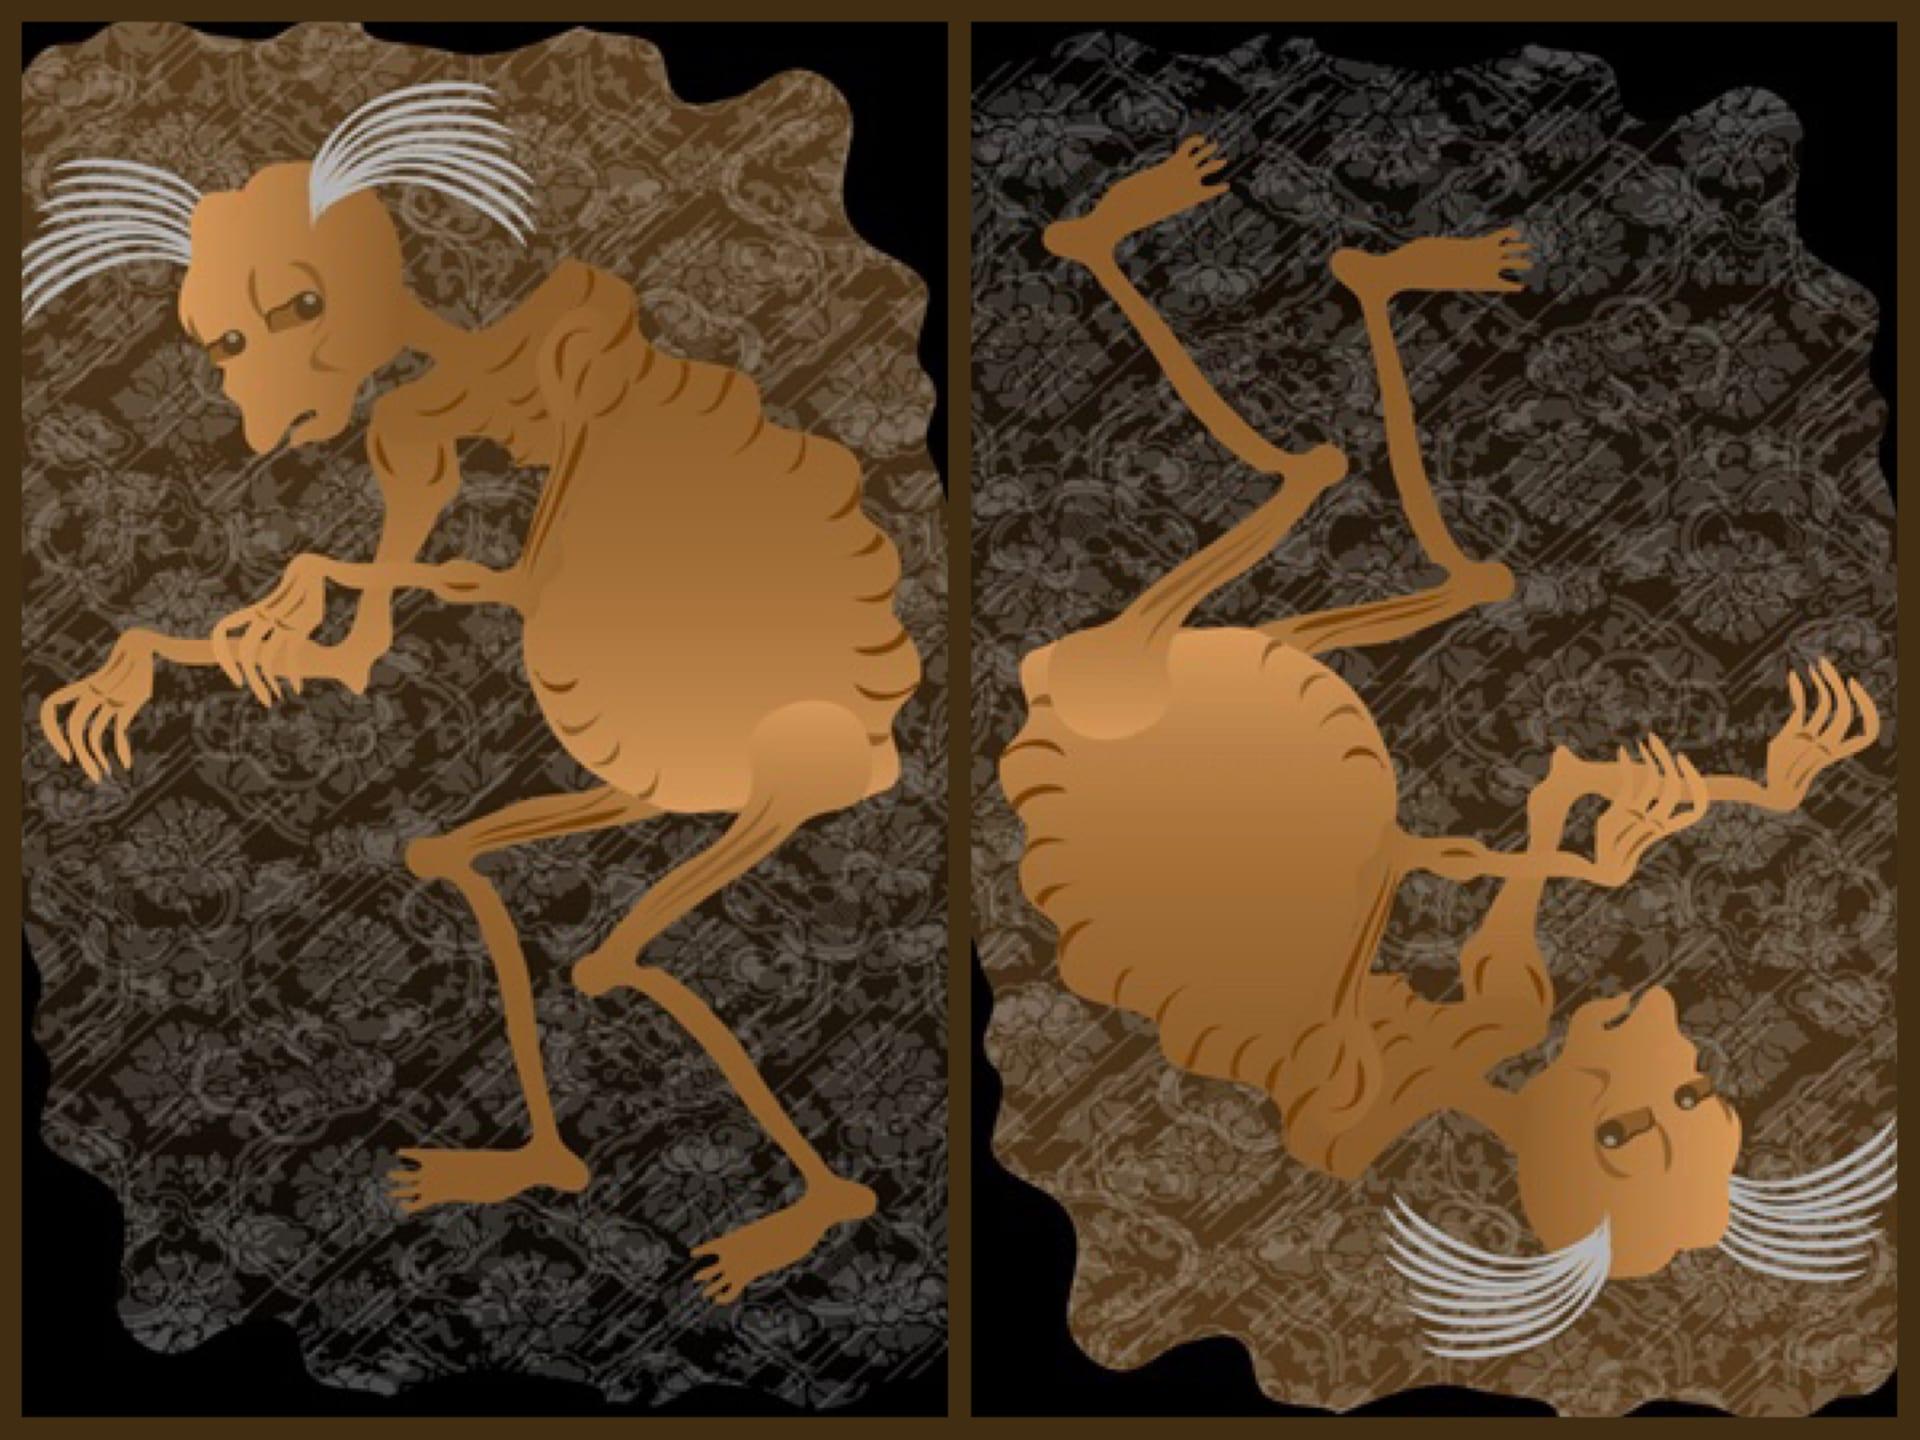 餓鬼(1)世界の結界が崩壊中。低波動の幽界から人間界に侵入した餓鬼の特徴【芦屋道顕】